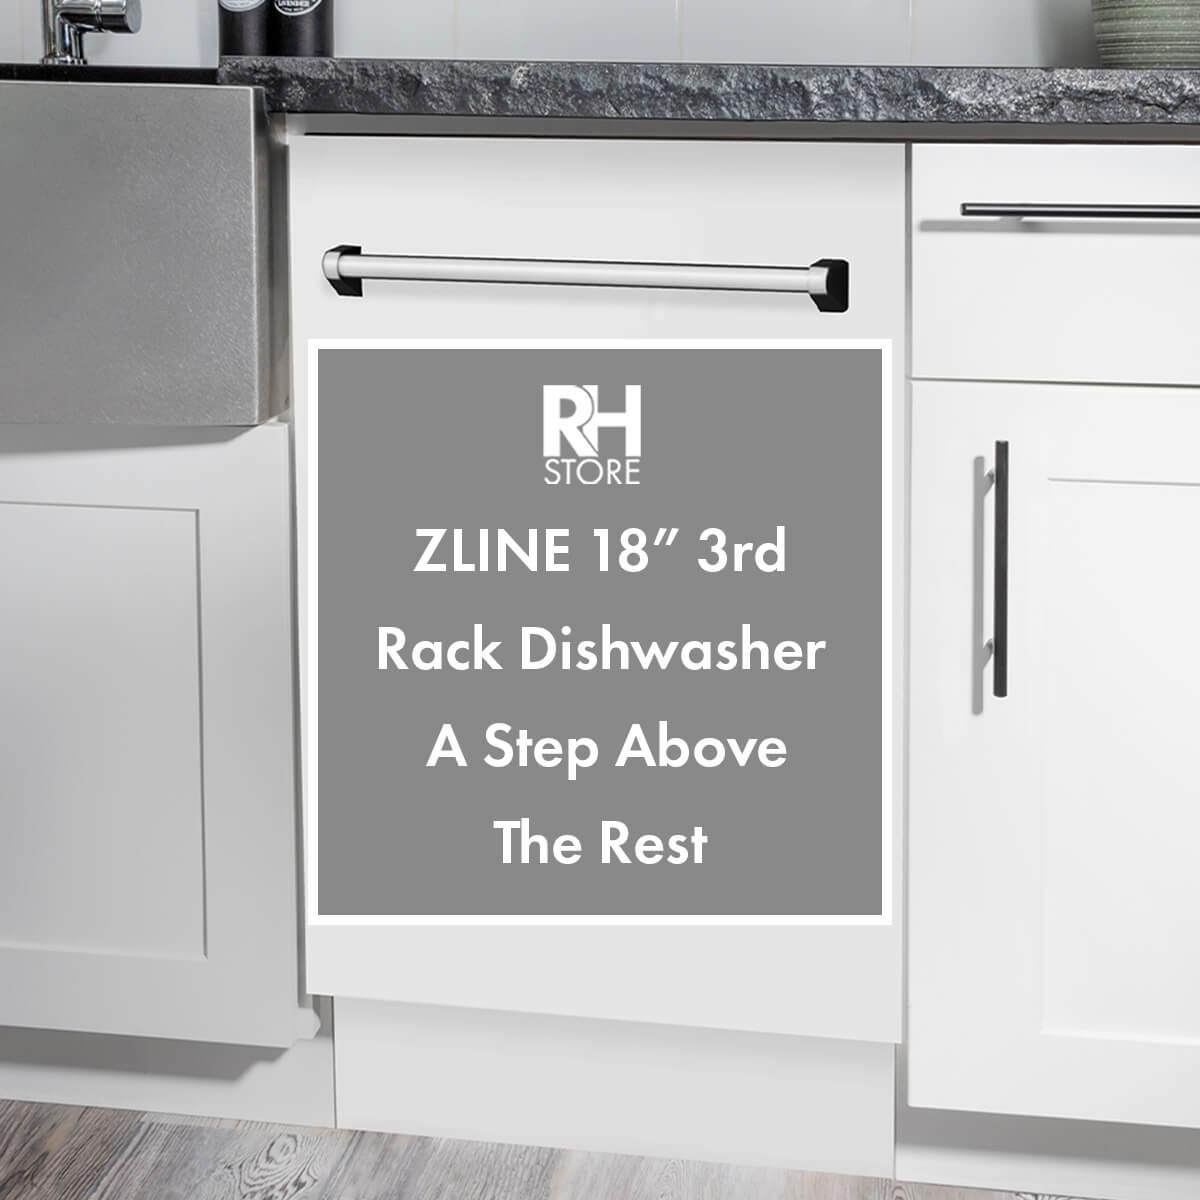 """ZLINE 18"""" 3rd Rack Dishwasher - A Step Above The Rest"""